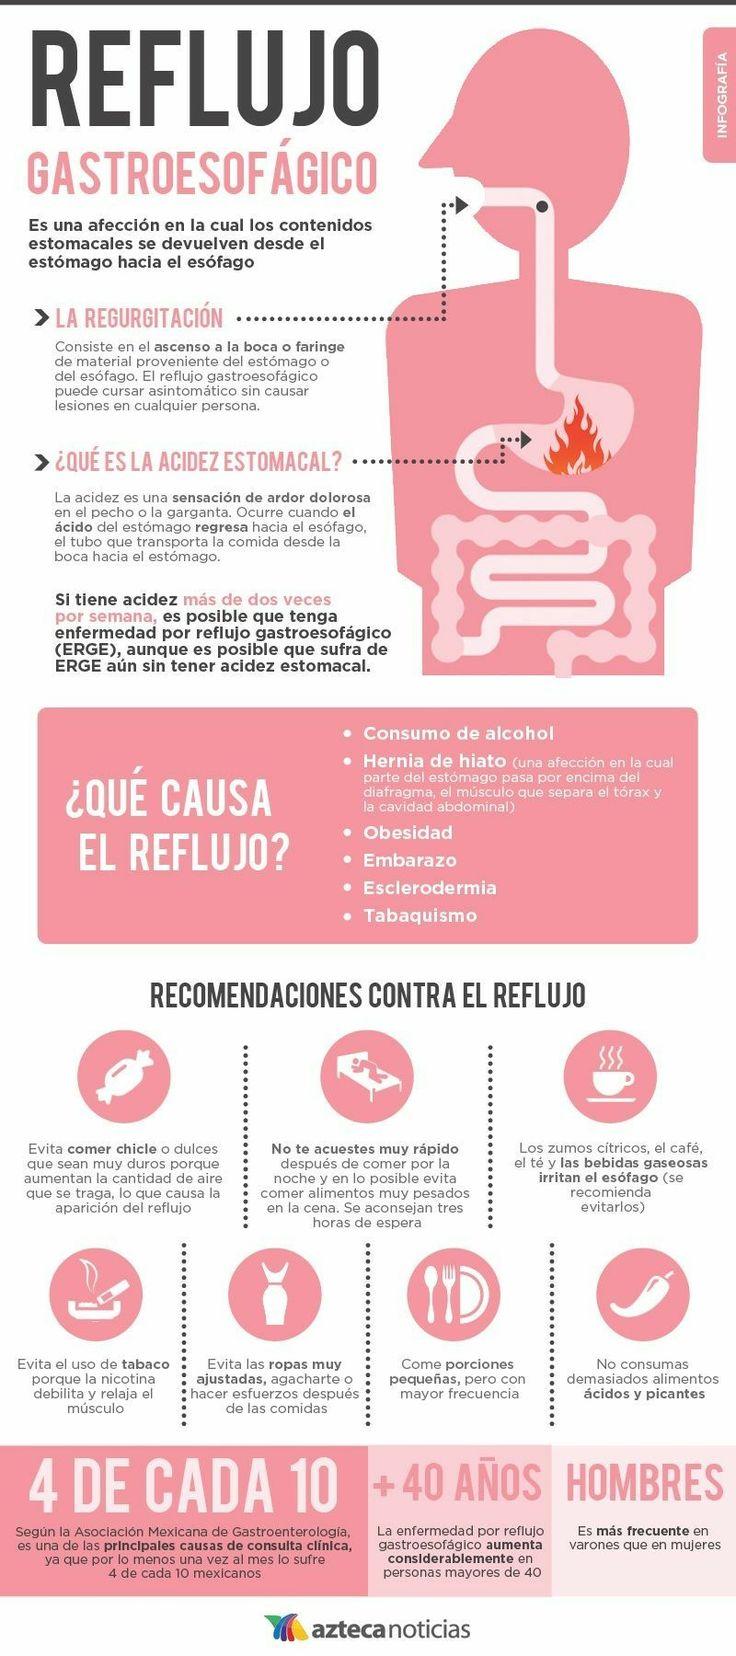 Basta de Gastritis - . - Basta de seguir sufriendo, aqui te digo como eliminar de forma 100% natural tu gastritis, resultados en 21 dias o menos